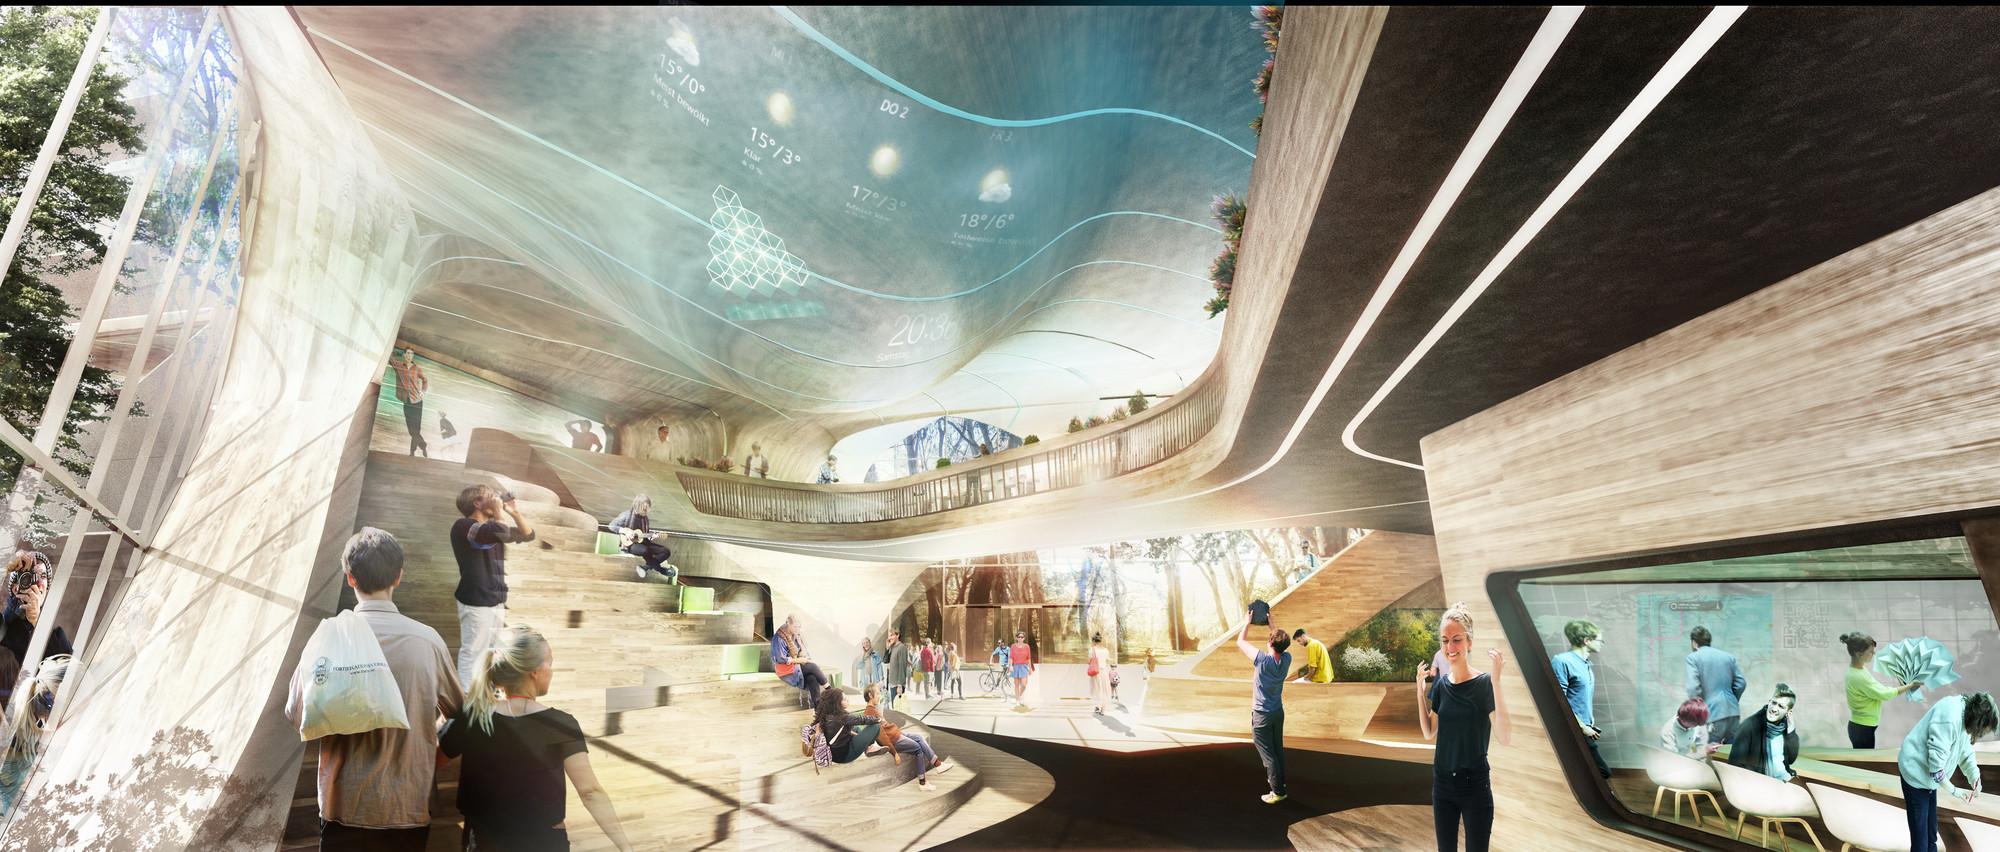 Lobby. Image Courtesy of GRAFT Architects